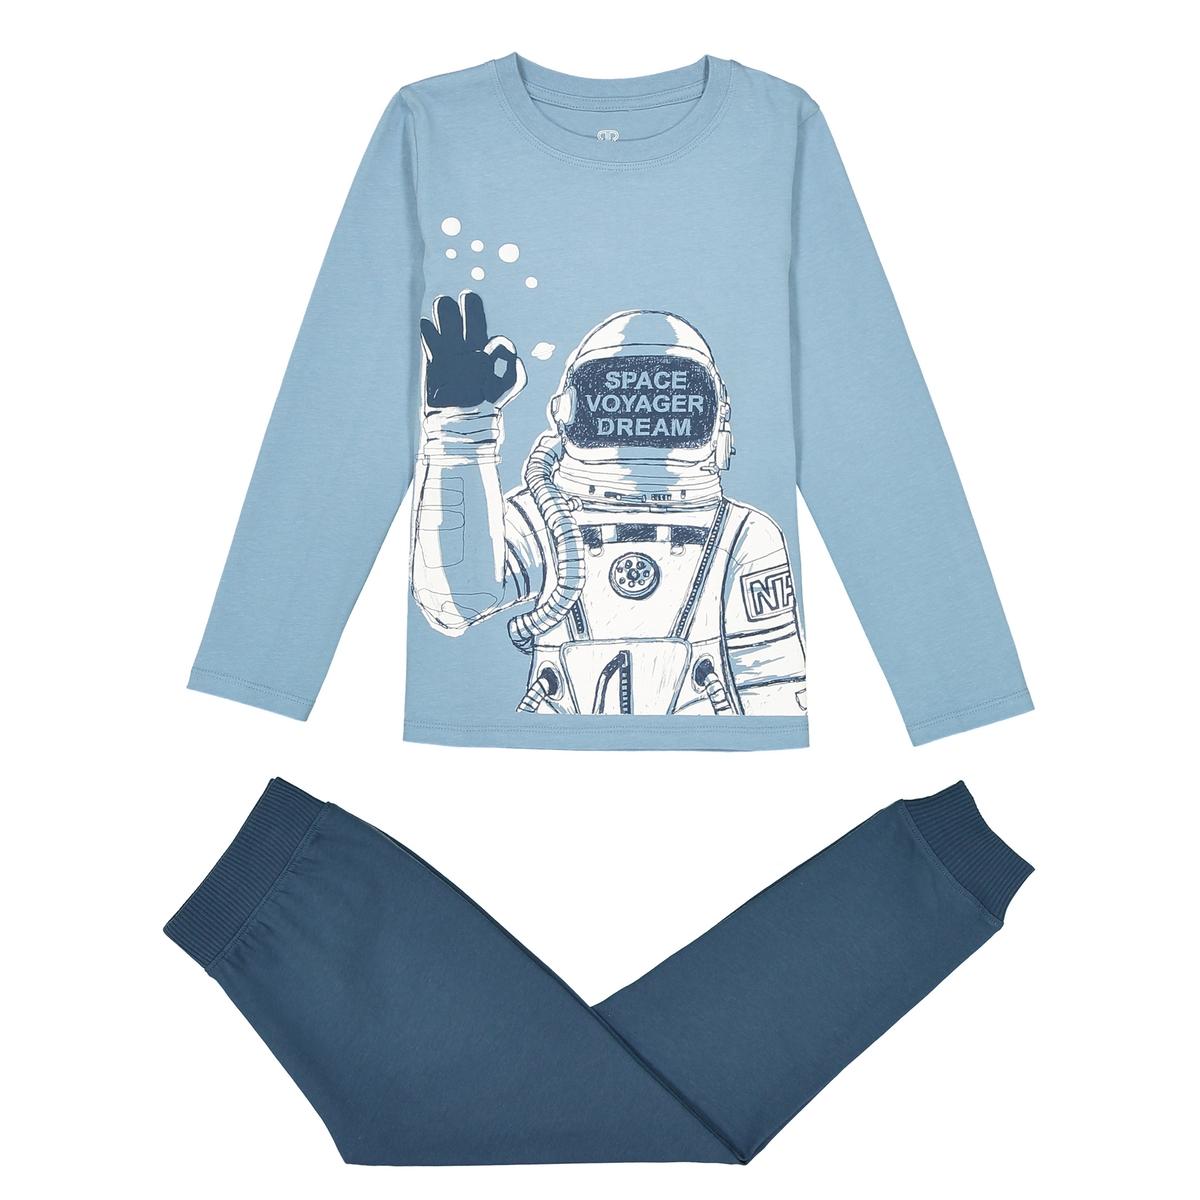 Pijama astronauta, 3-12 anos